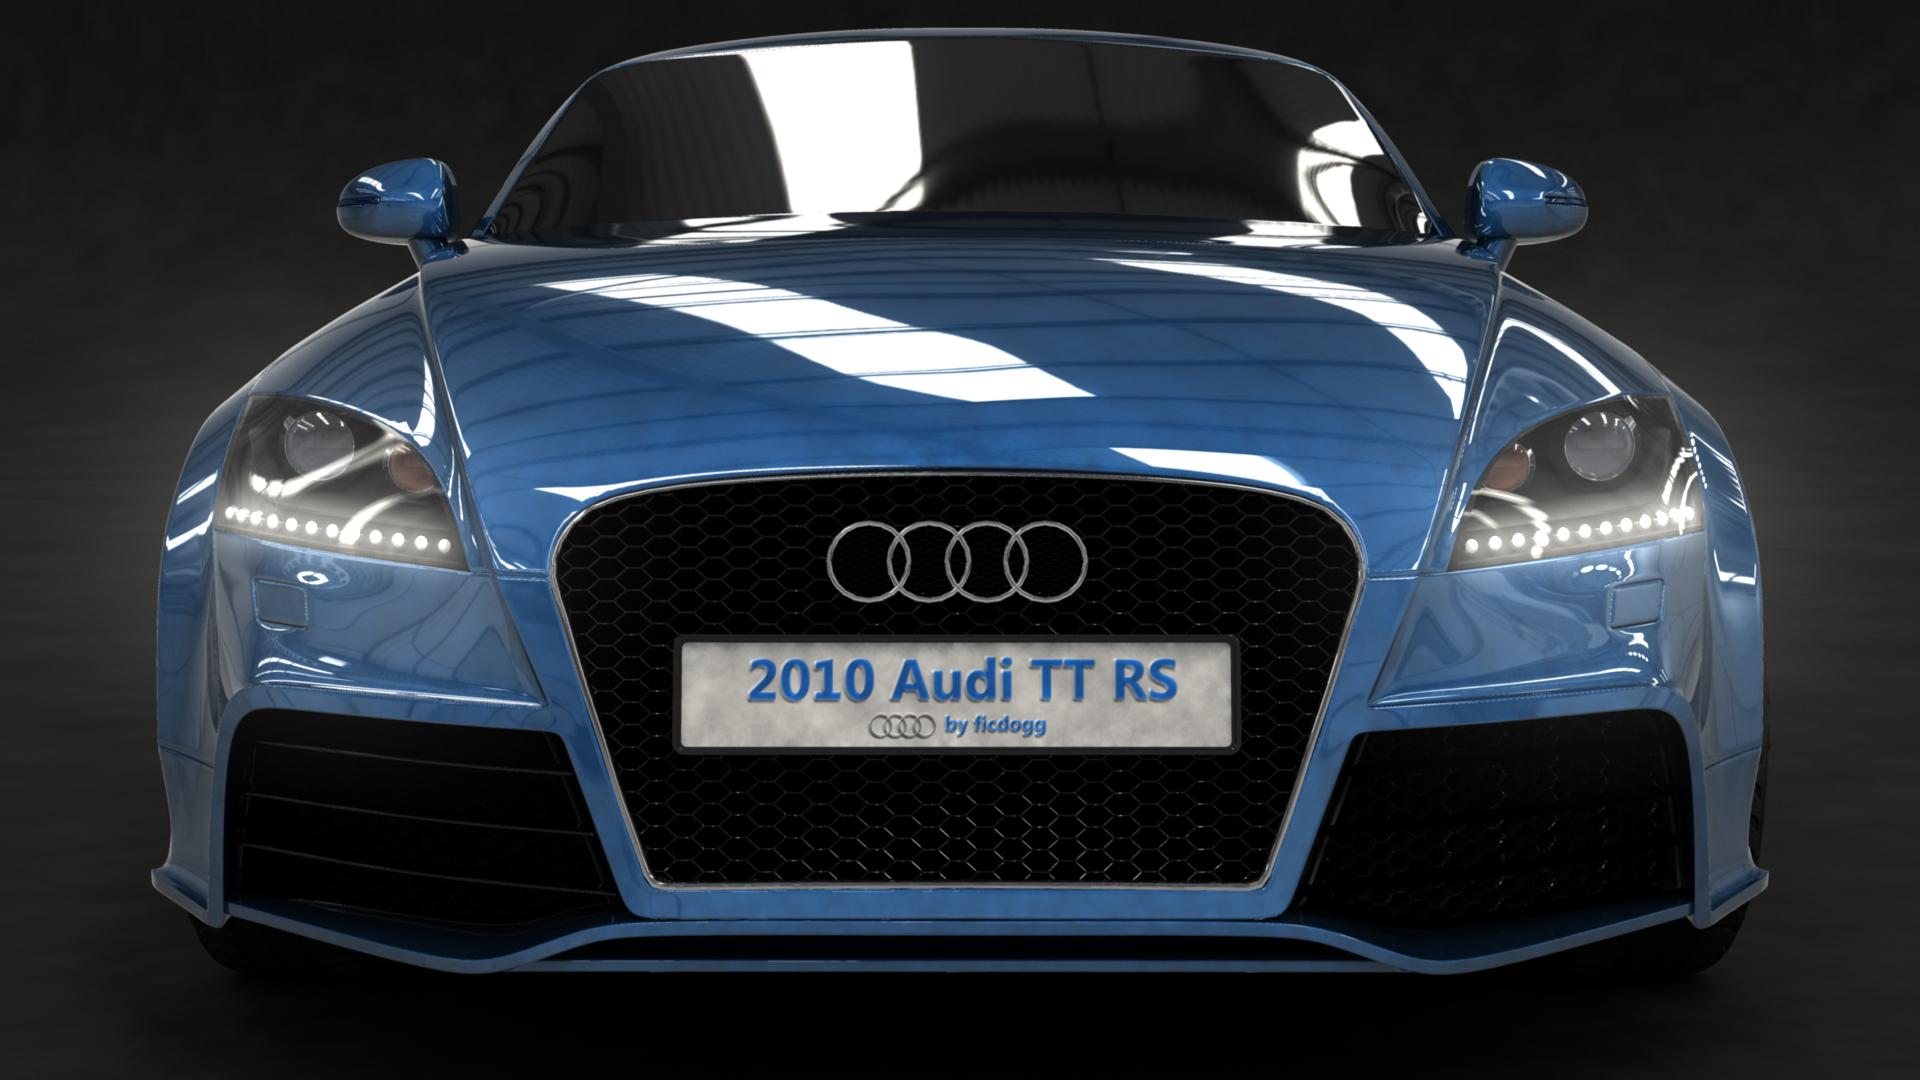 Audi Tt Rs 2010 wallpaper   484989 1920x1080